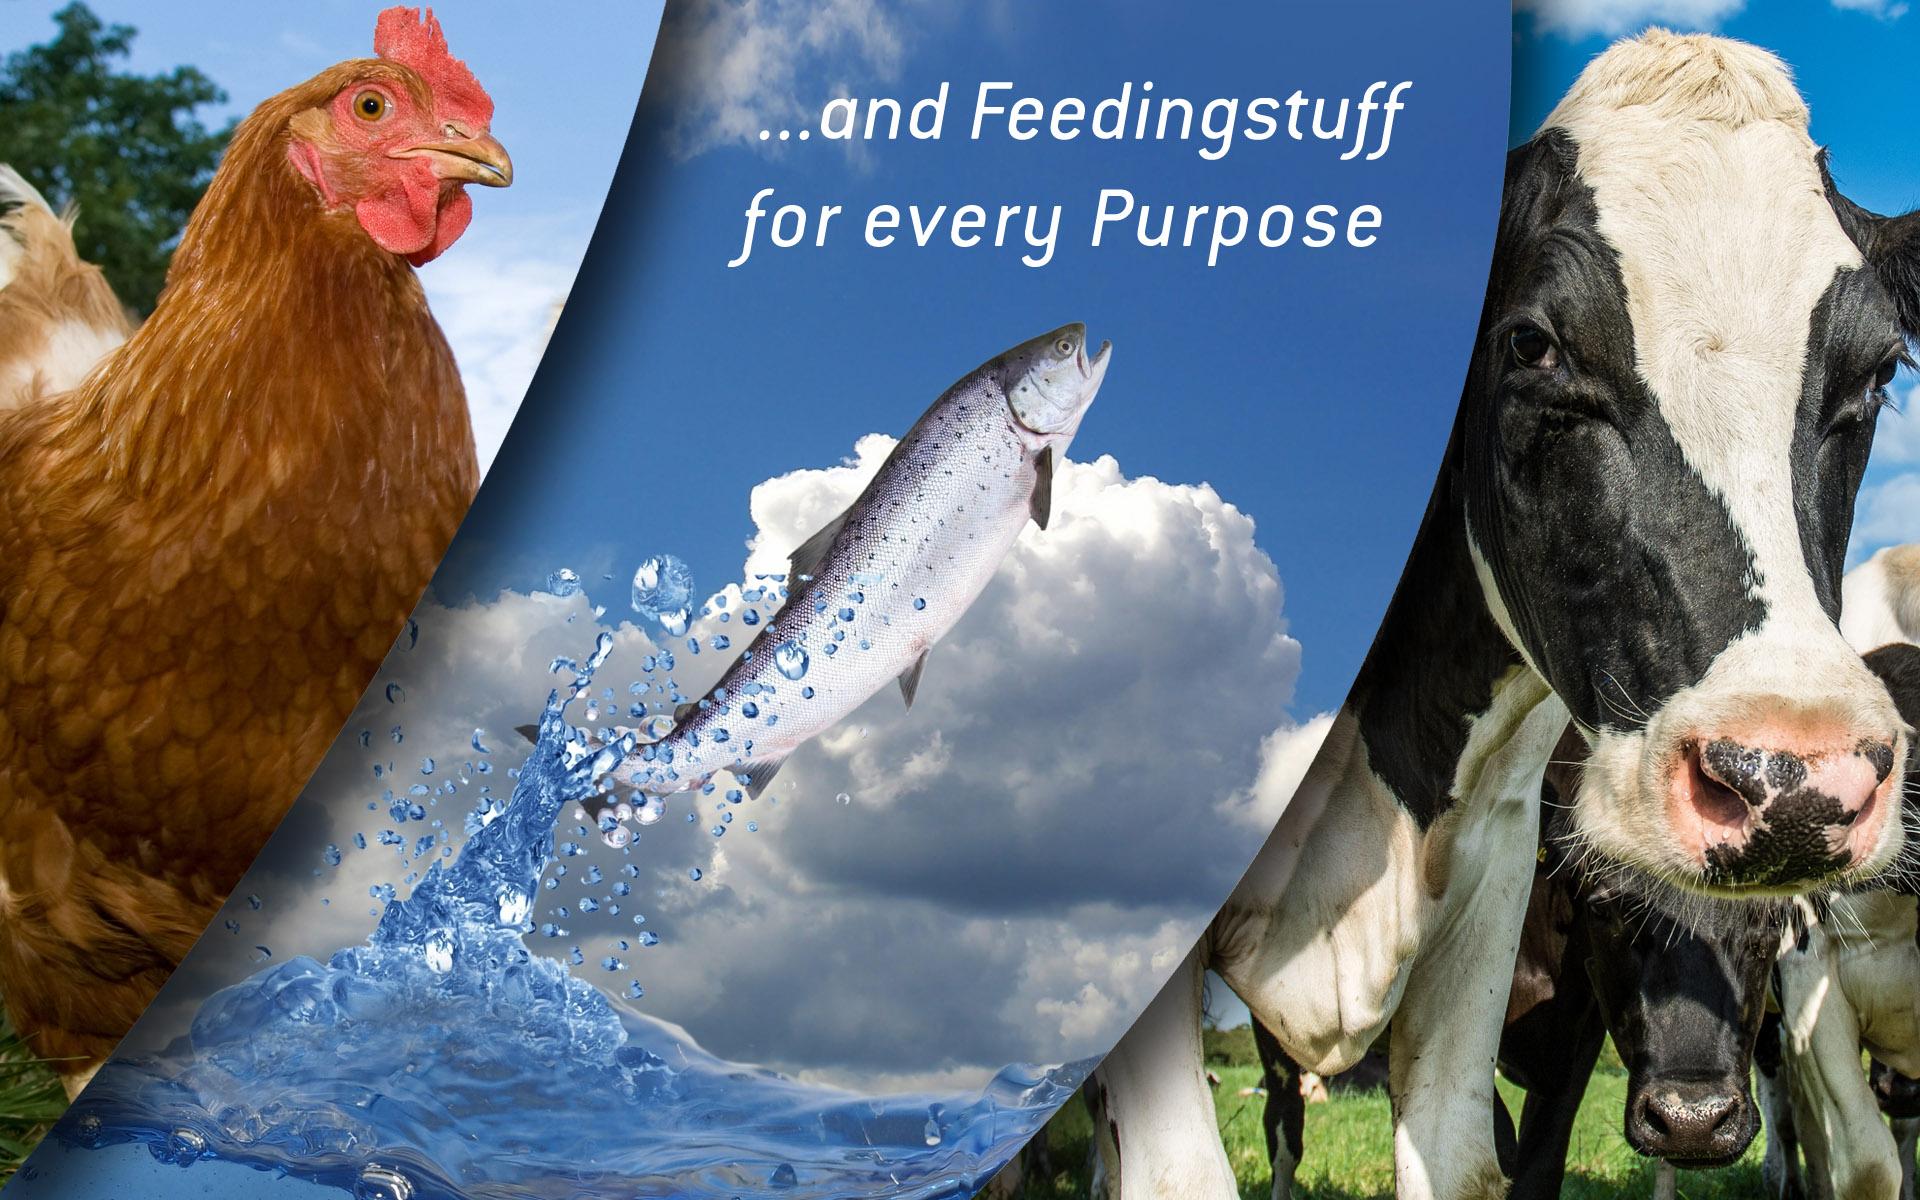 Feeding Stuff